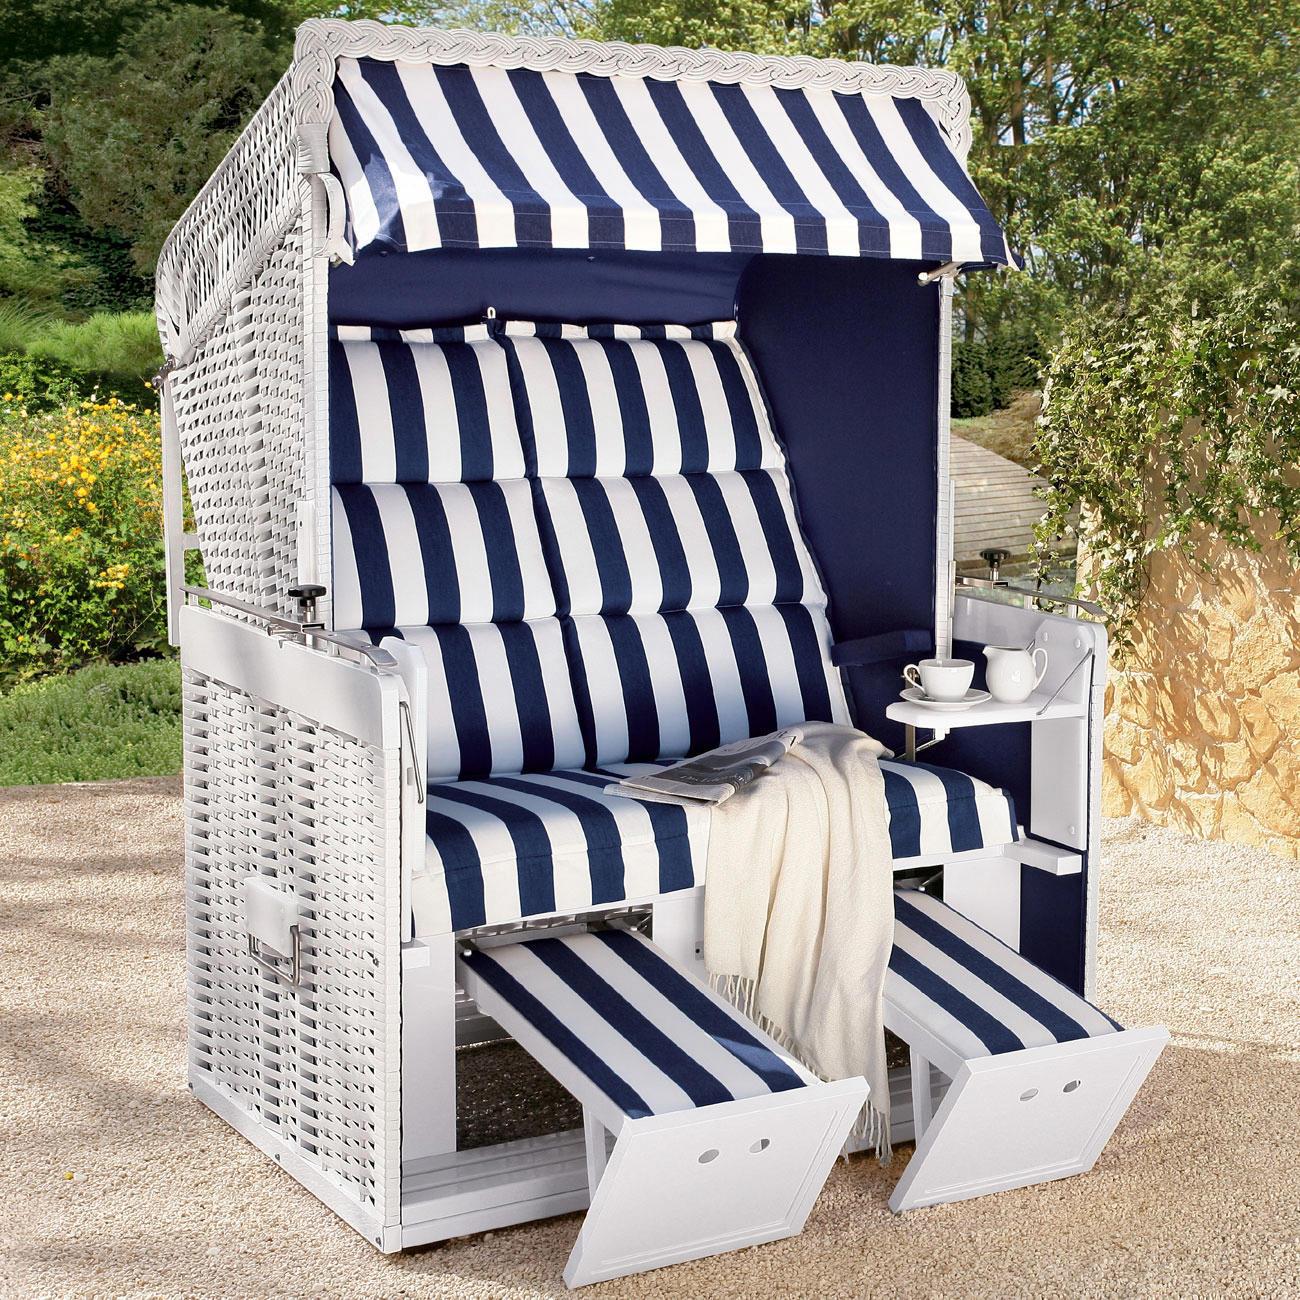 alu strandkorb mit polsterauflage mit 3 jahren garantie. Black Bedroom Furniture Sets. Home Design Ideas